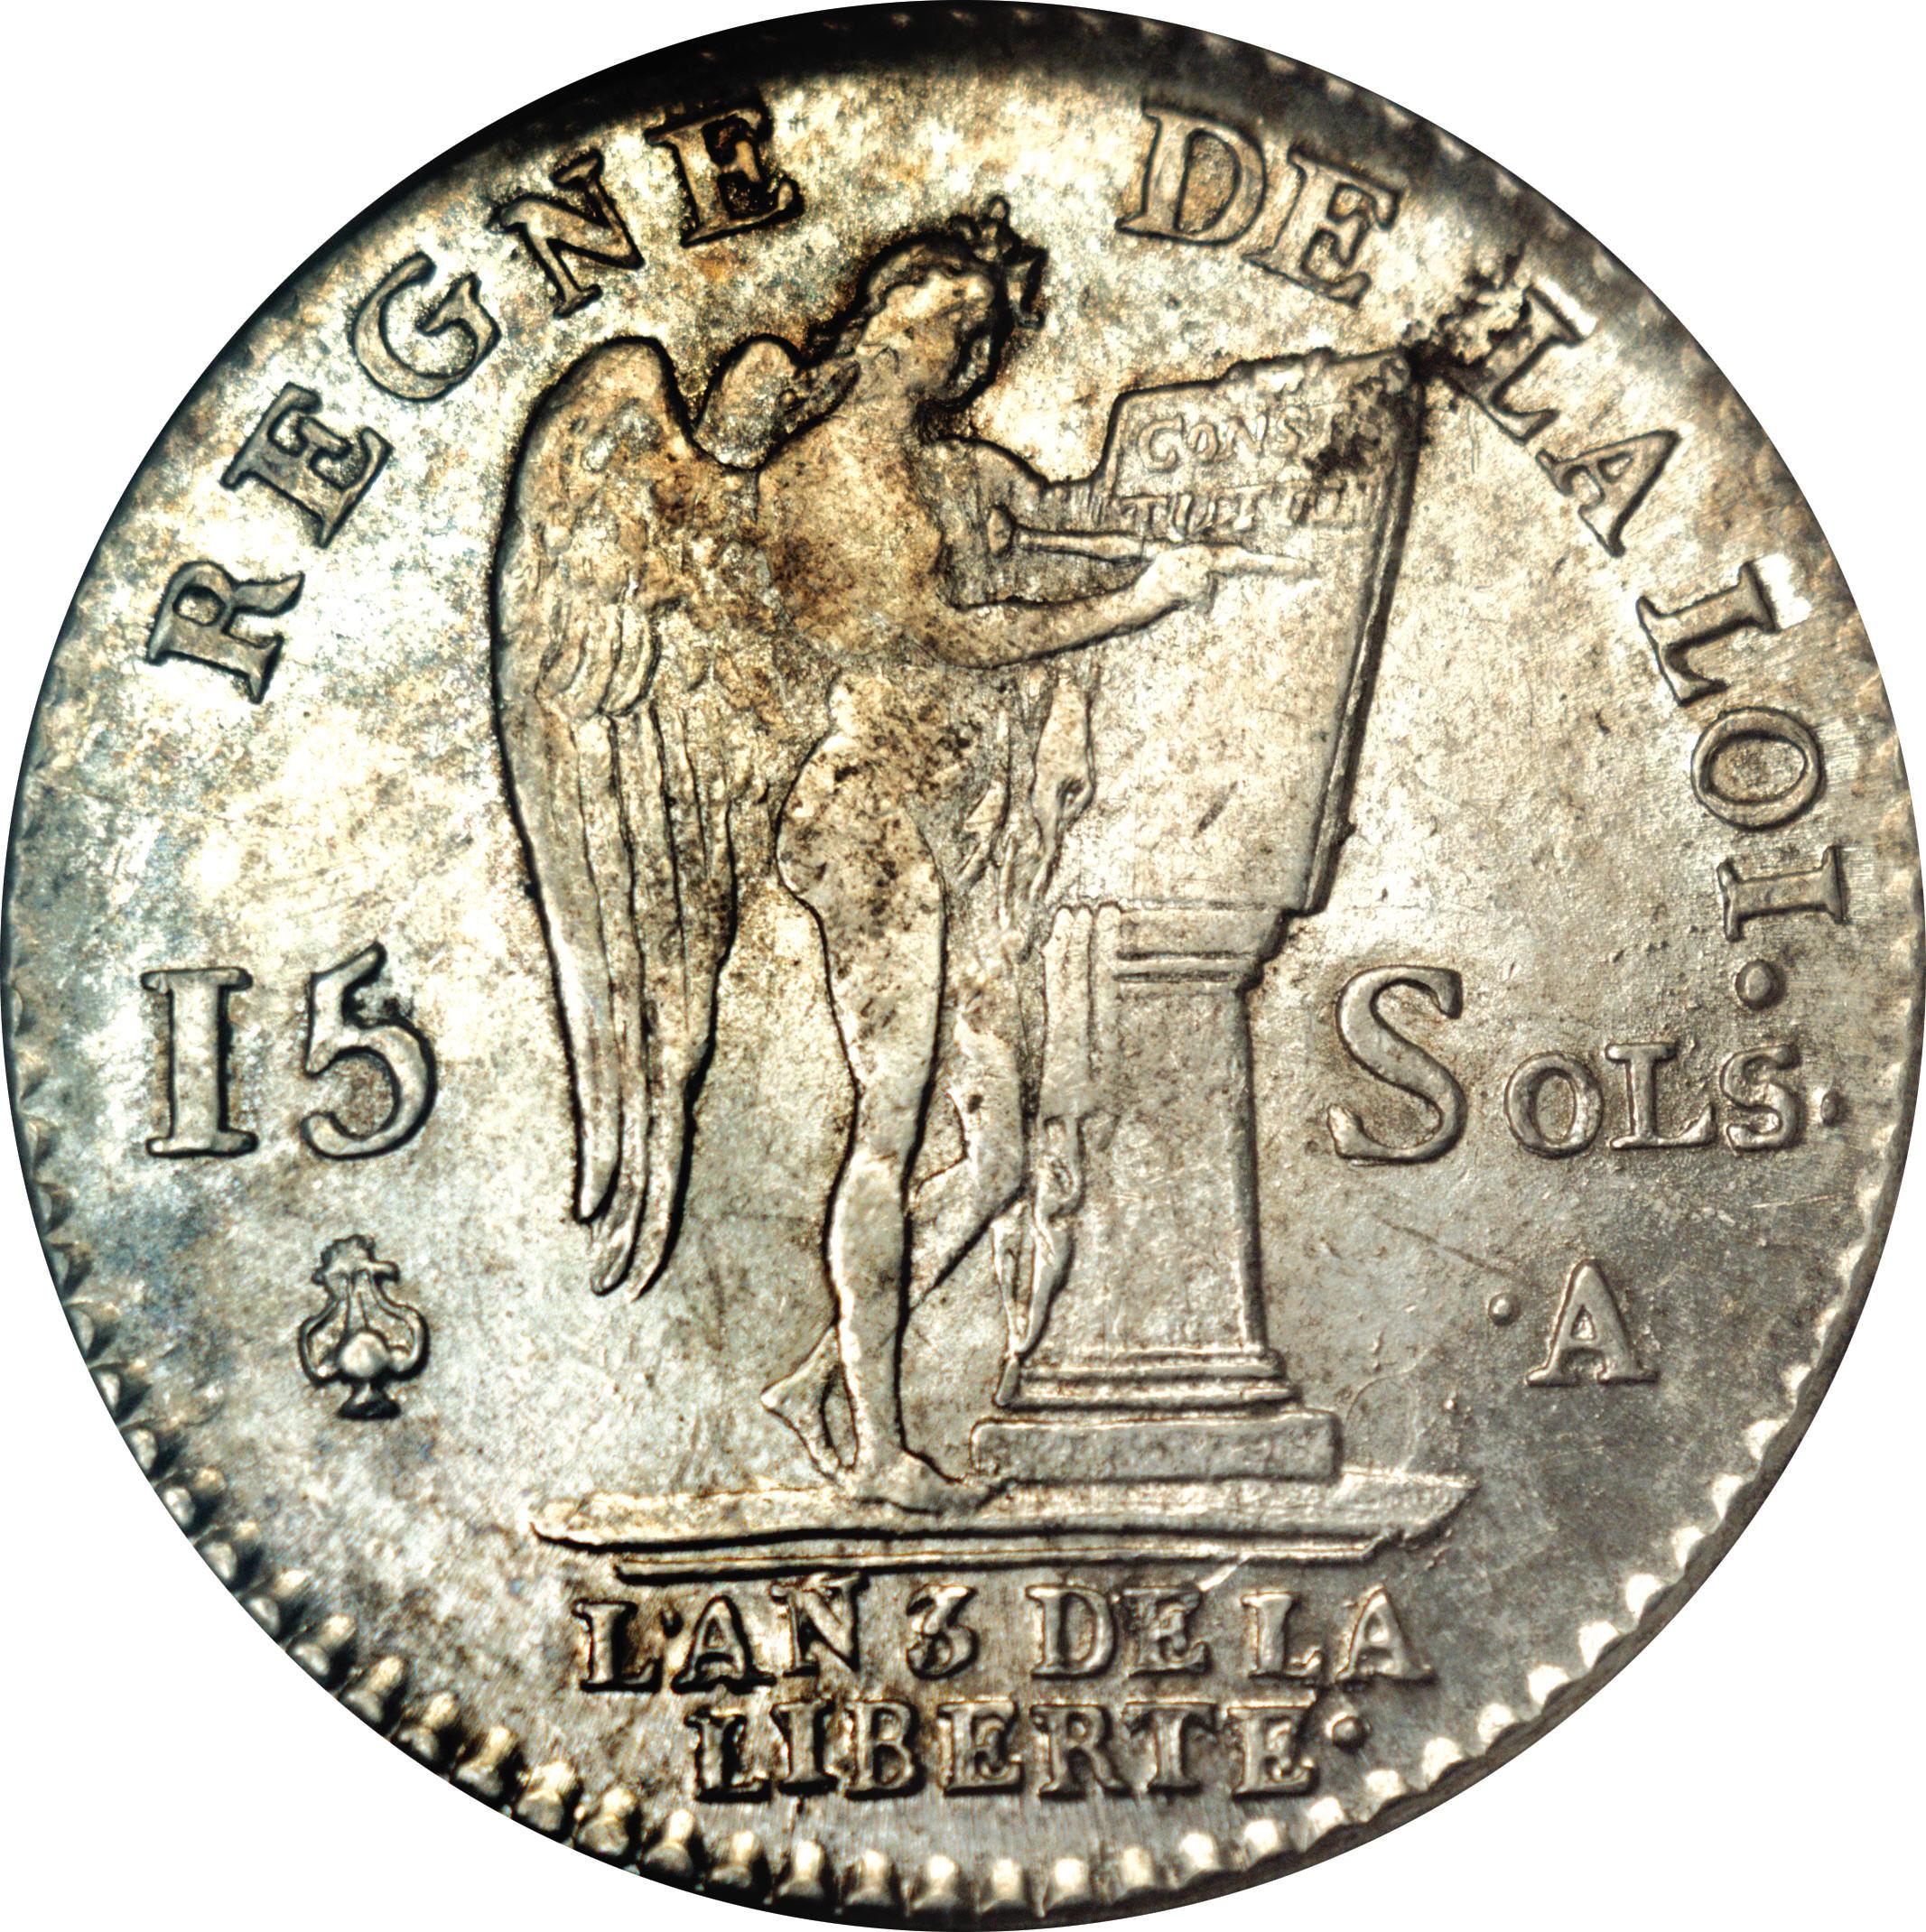 15 sols au g nie type fran ois louis xvi constitution france royaum - Sol en piece de monnaie ...